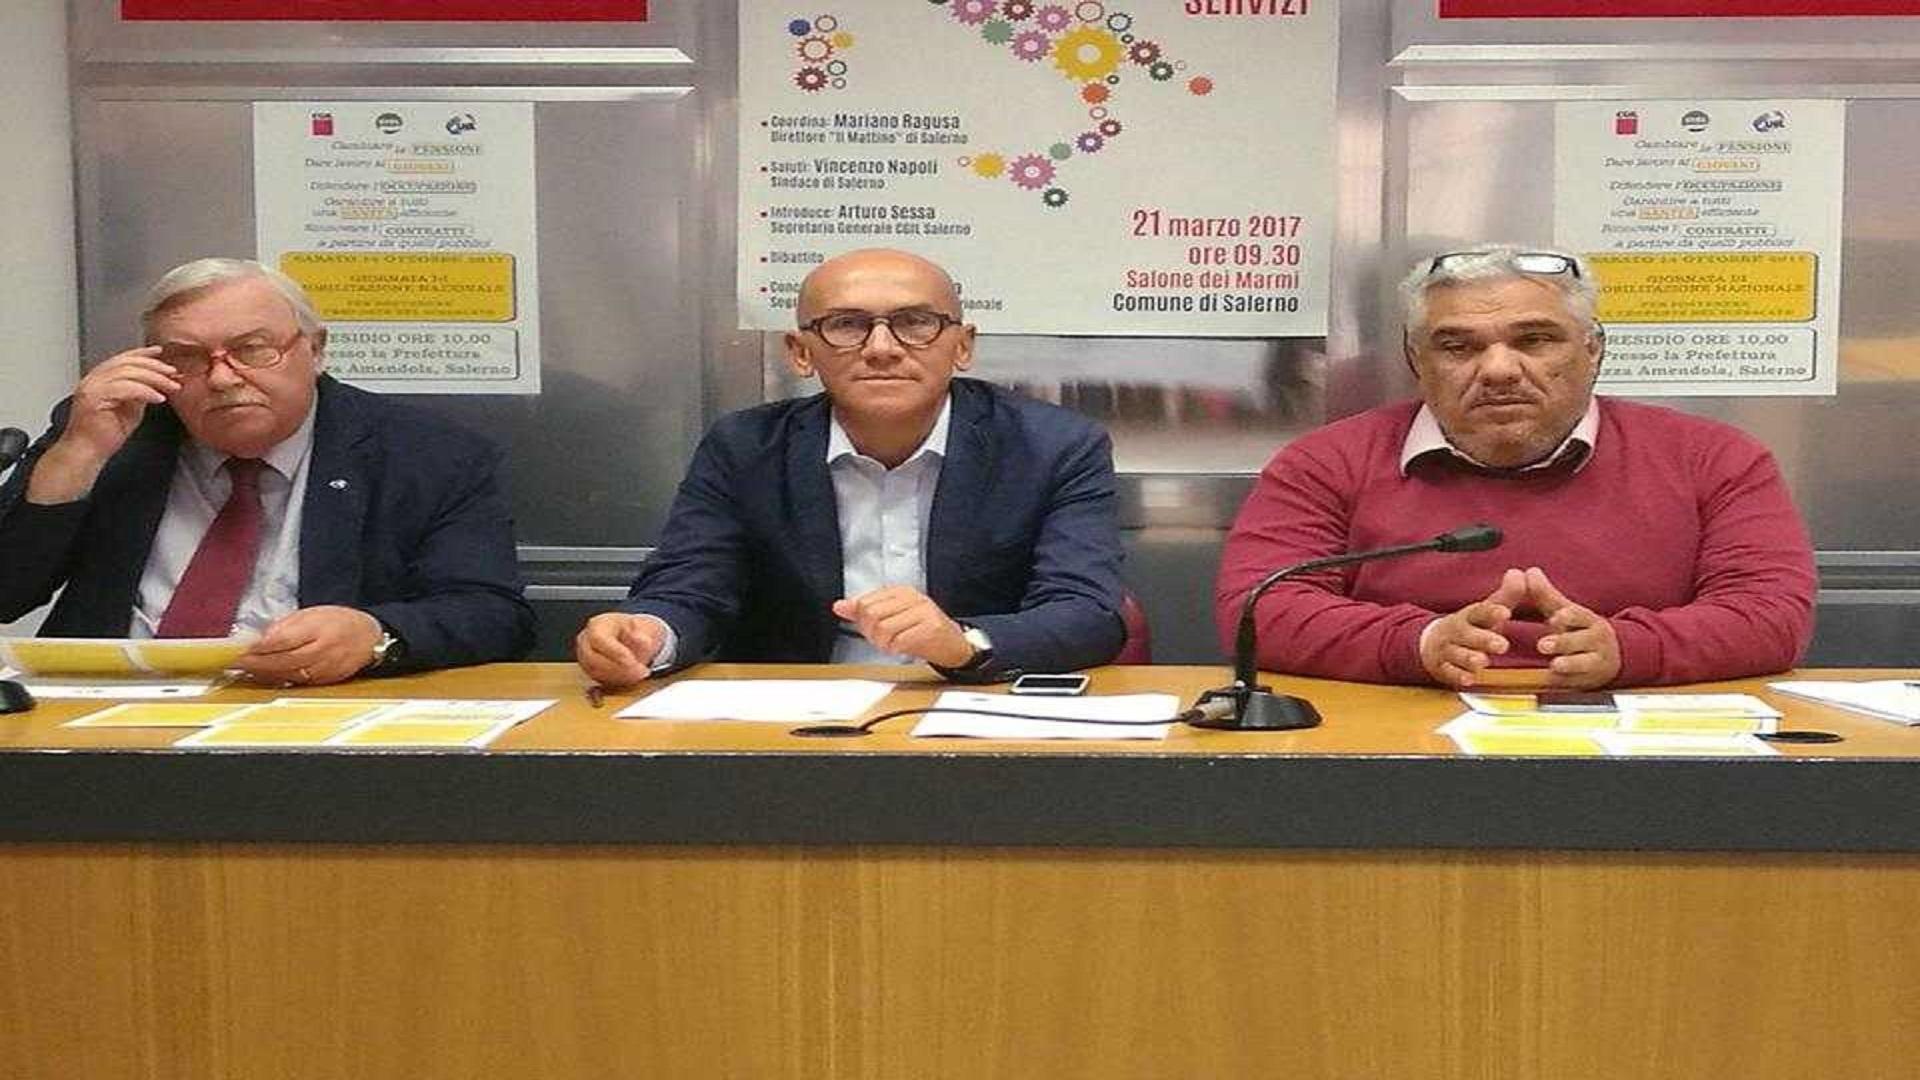 Salerno – summit per la riattivazione del trasporto pubblico provinciale